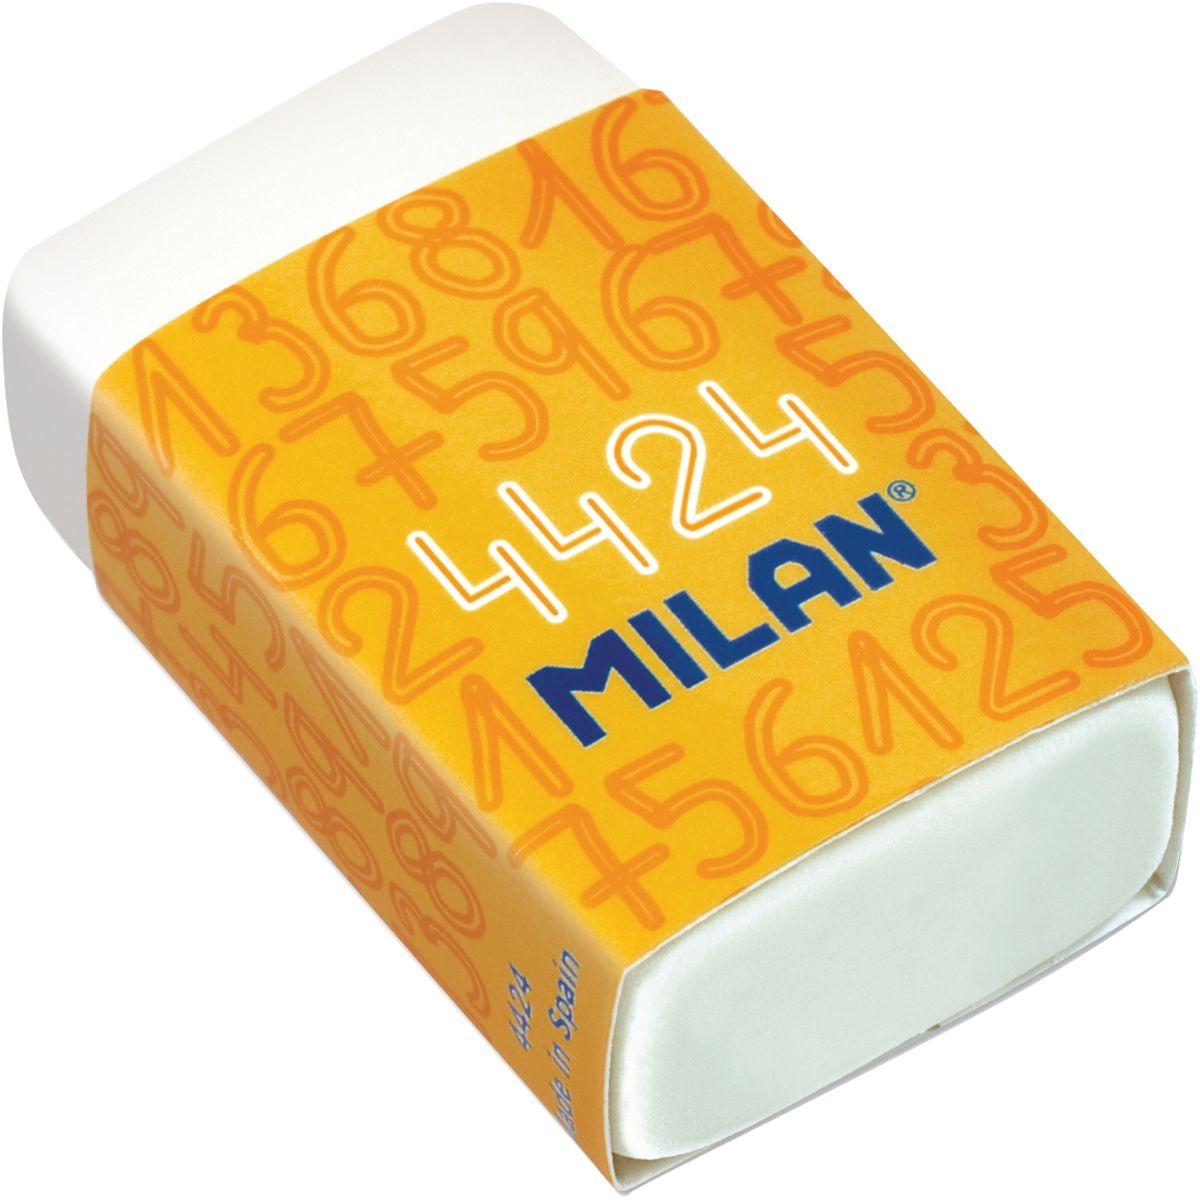 Milan Ластик 442472523WDМягкий синтетический каучуковый ластик Milan подходит для удаления штрихов от большинства графитовых карандашей на всех видах поверхностей.